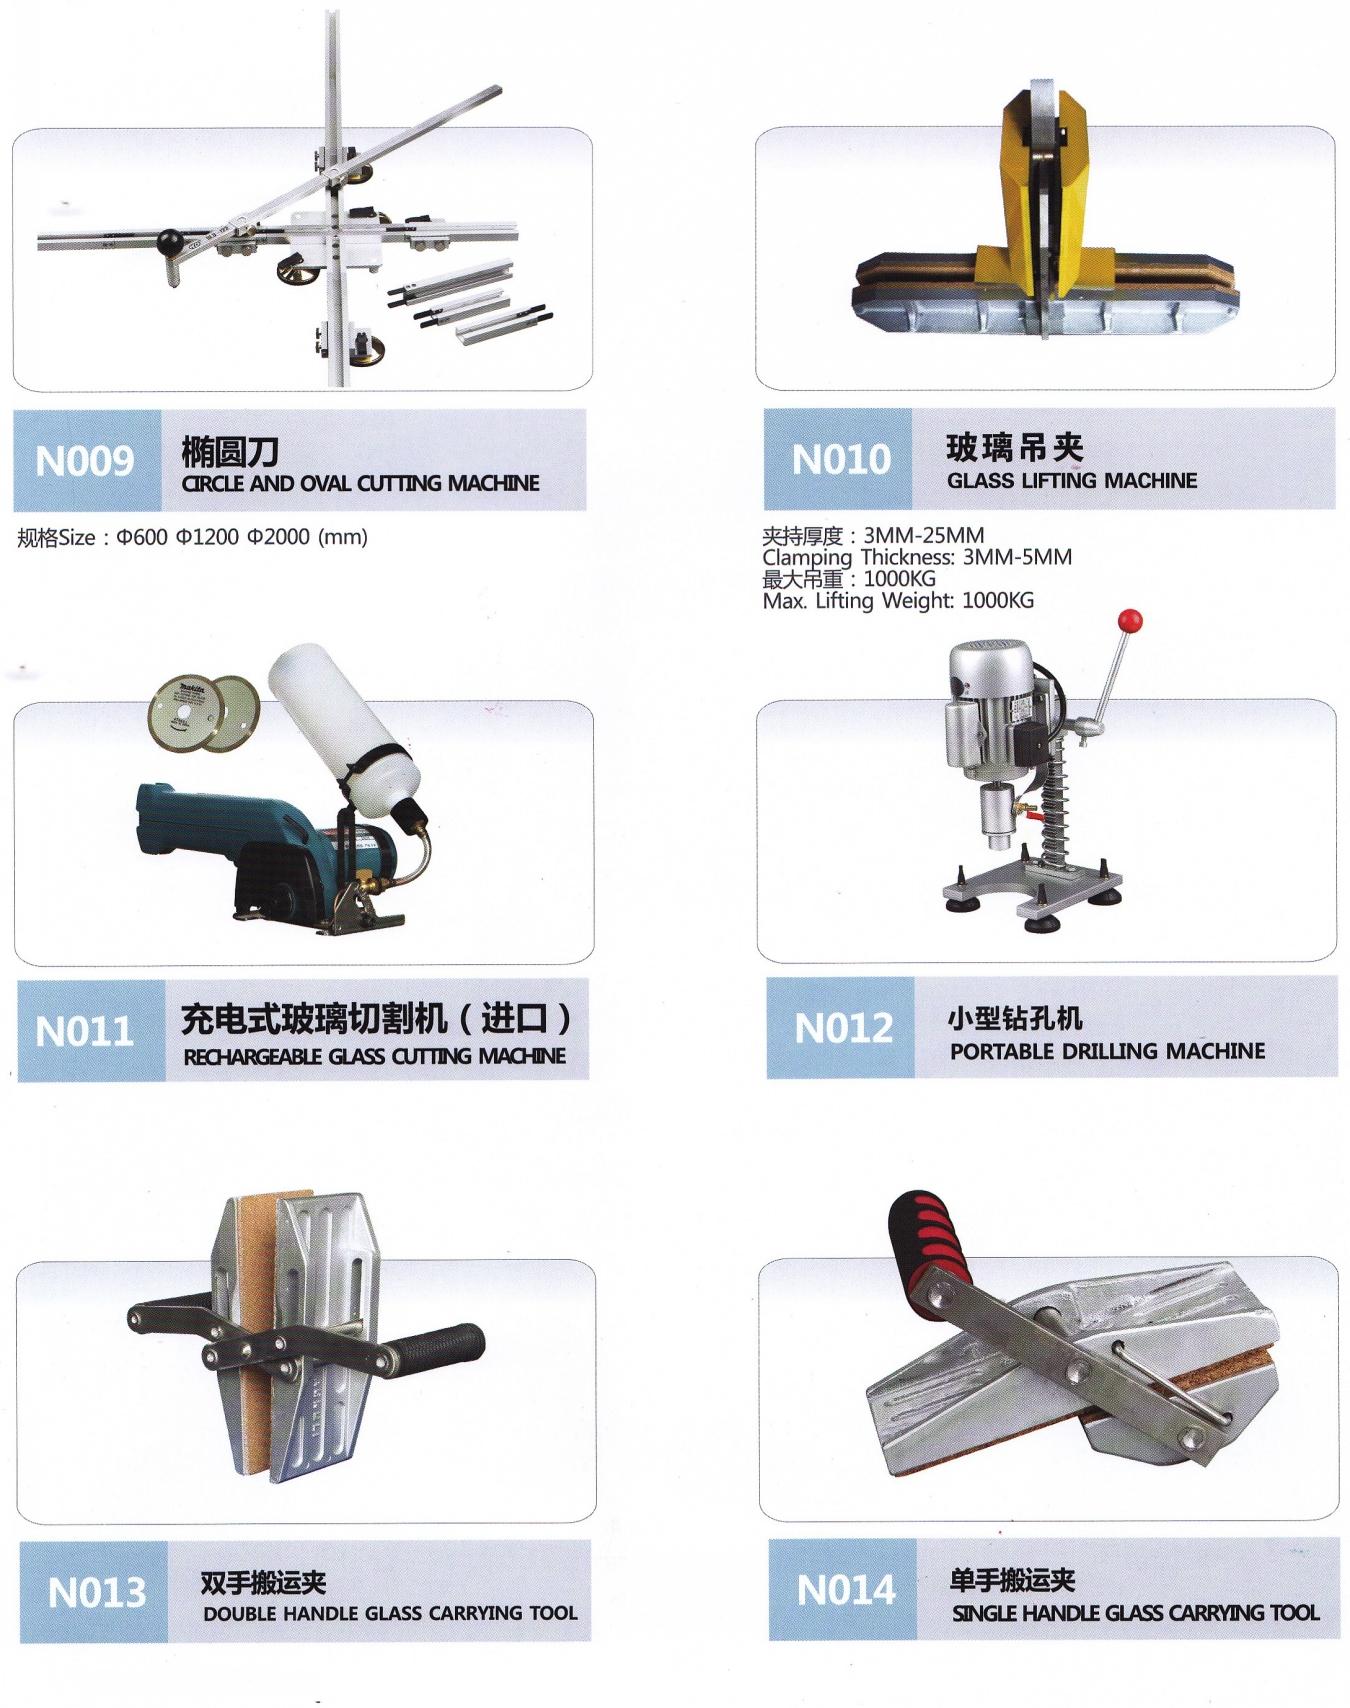 34_Glass Cutter Glass CuttingTools